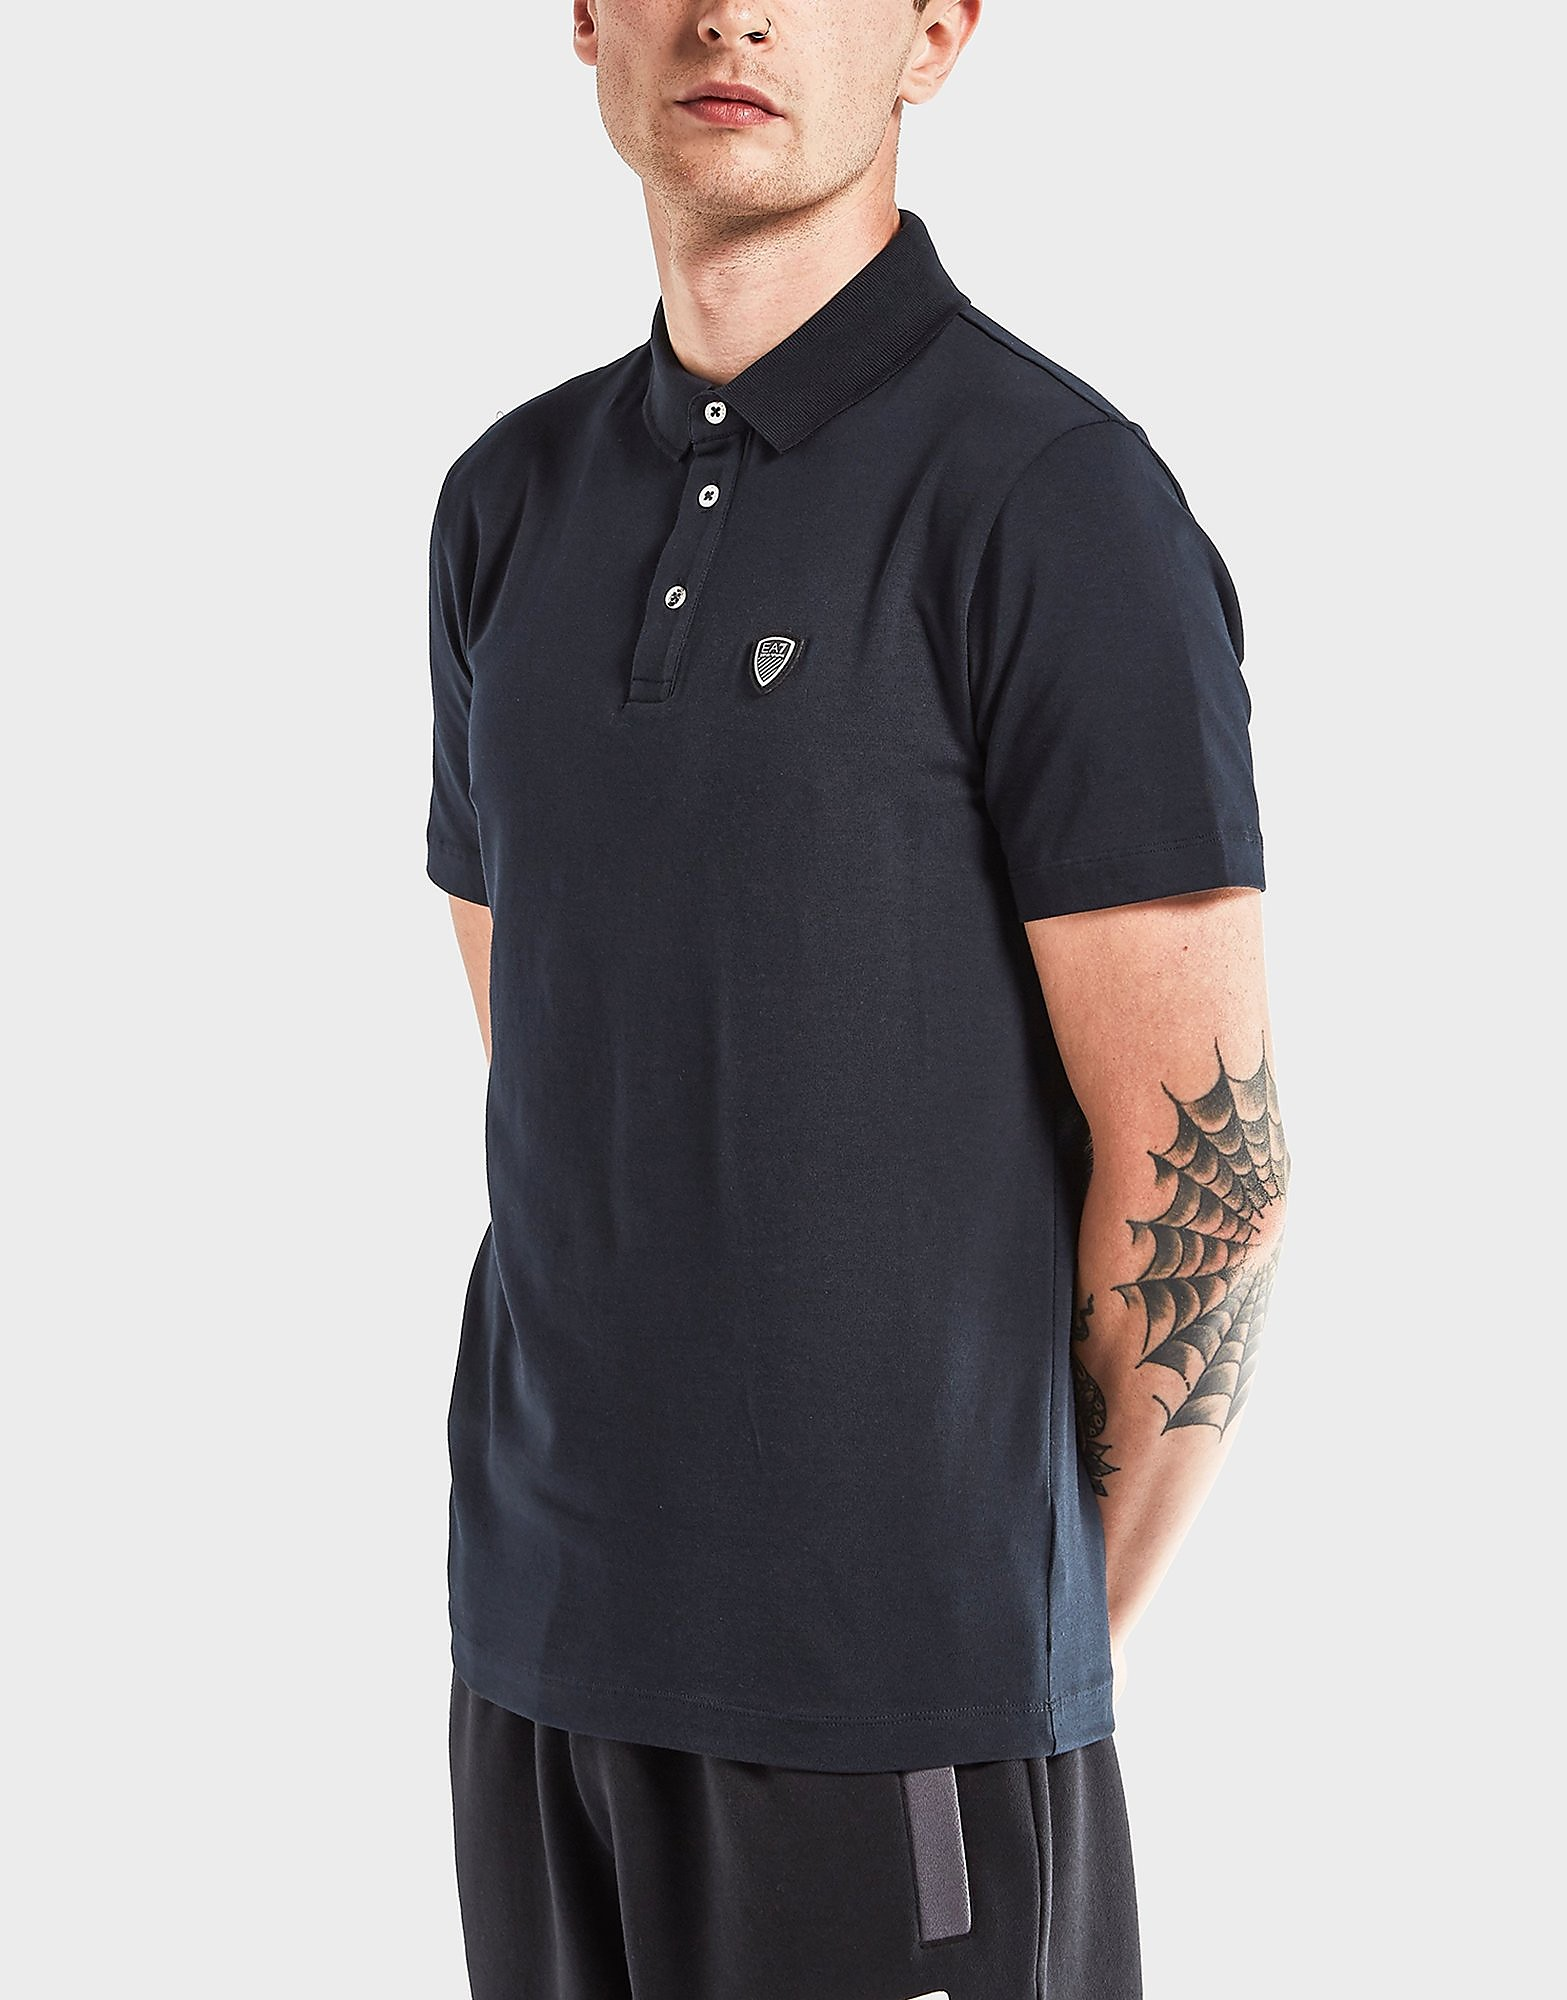 Emporio Armani EA7 Soccer Short Sleeve Polo Shirt